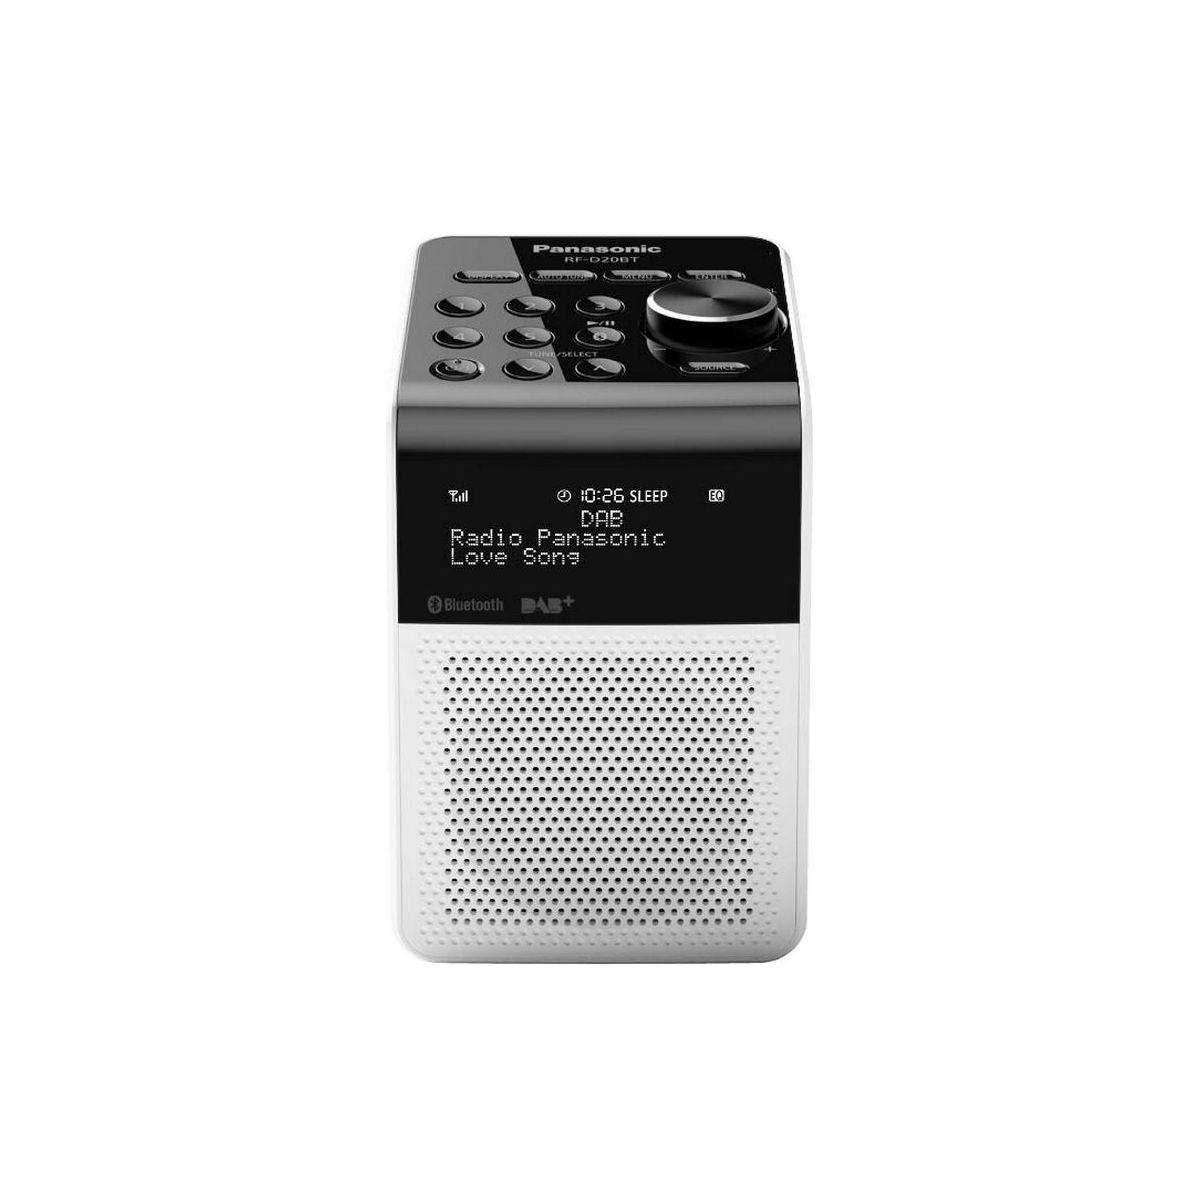 Radio num�rique panasonic rf-d20 blanche - 2% de remise imm�diate avec le code : autom